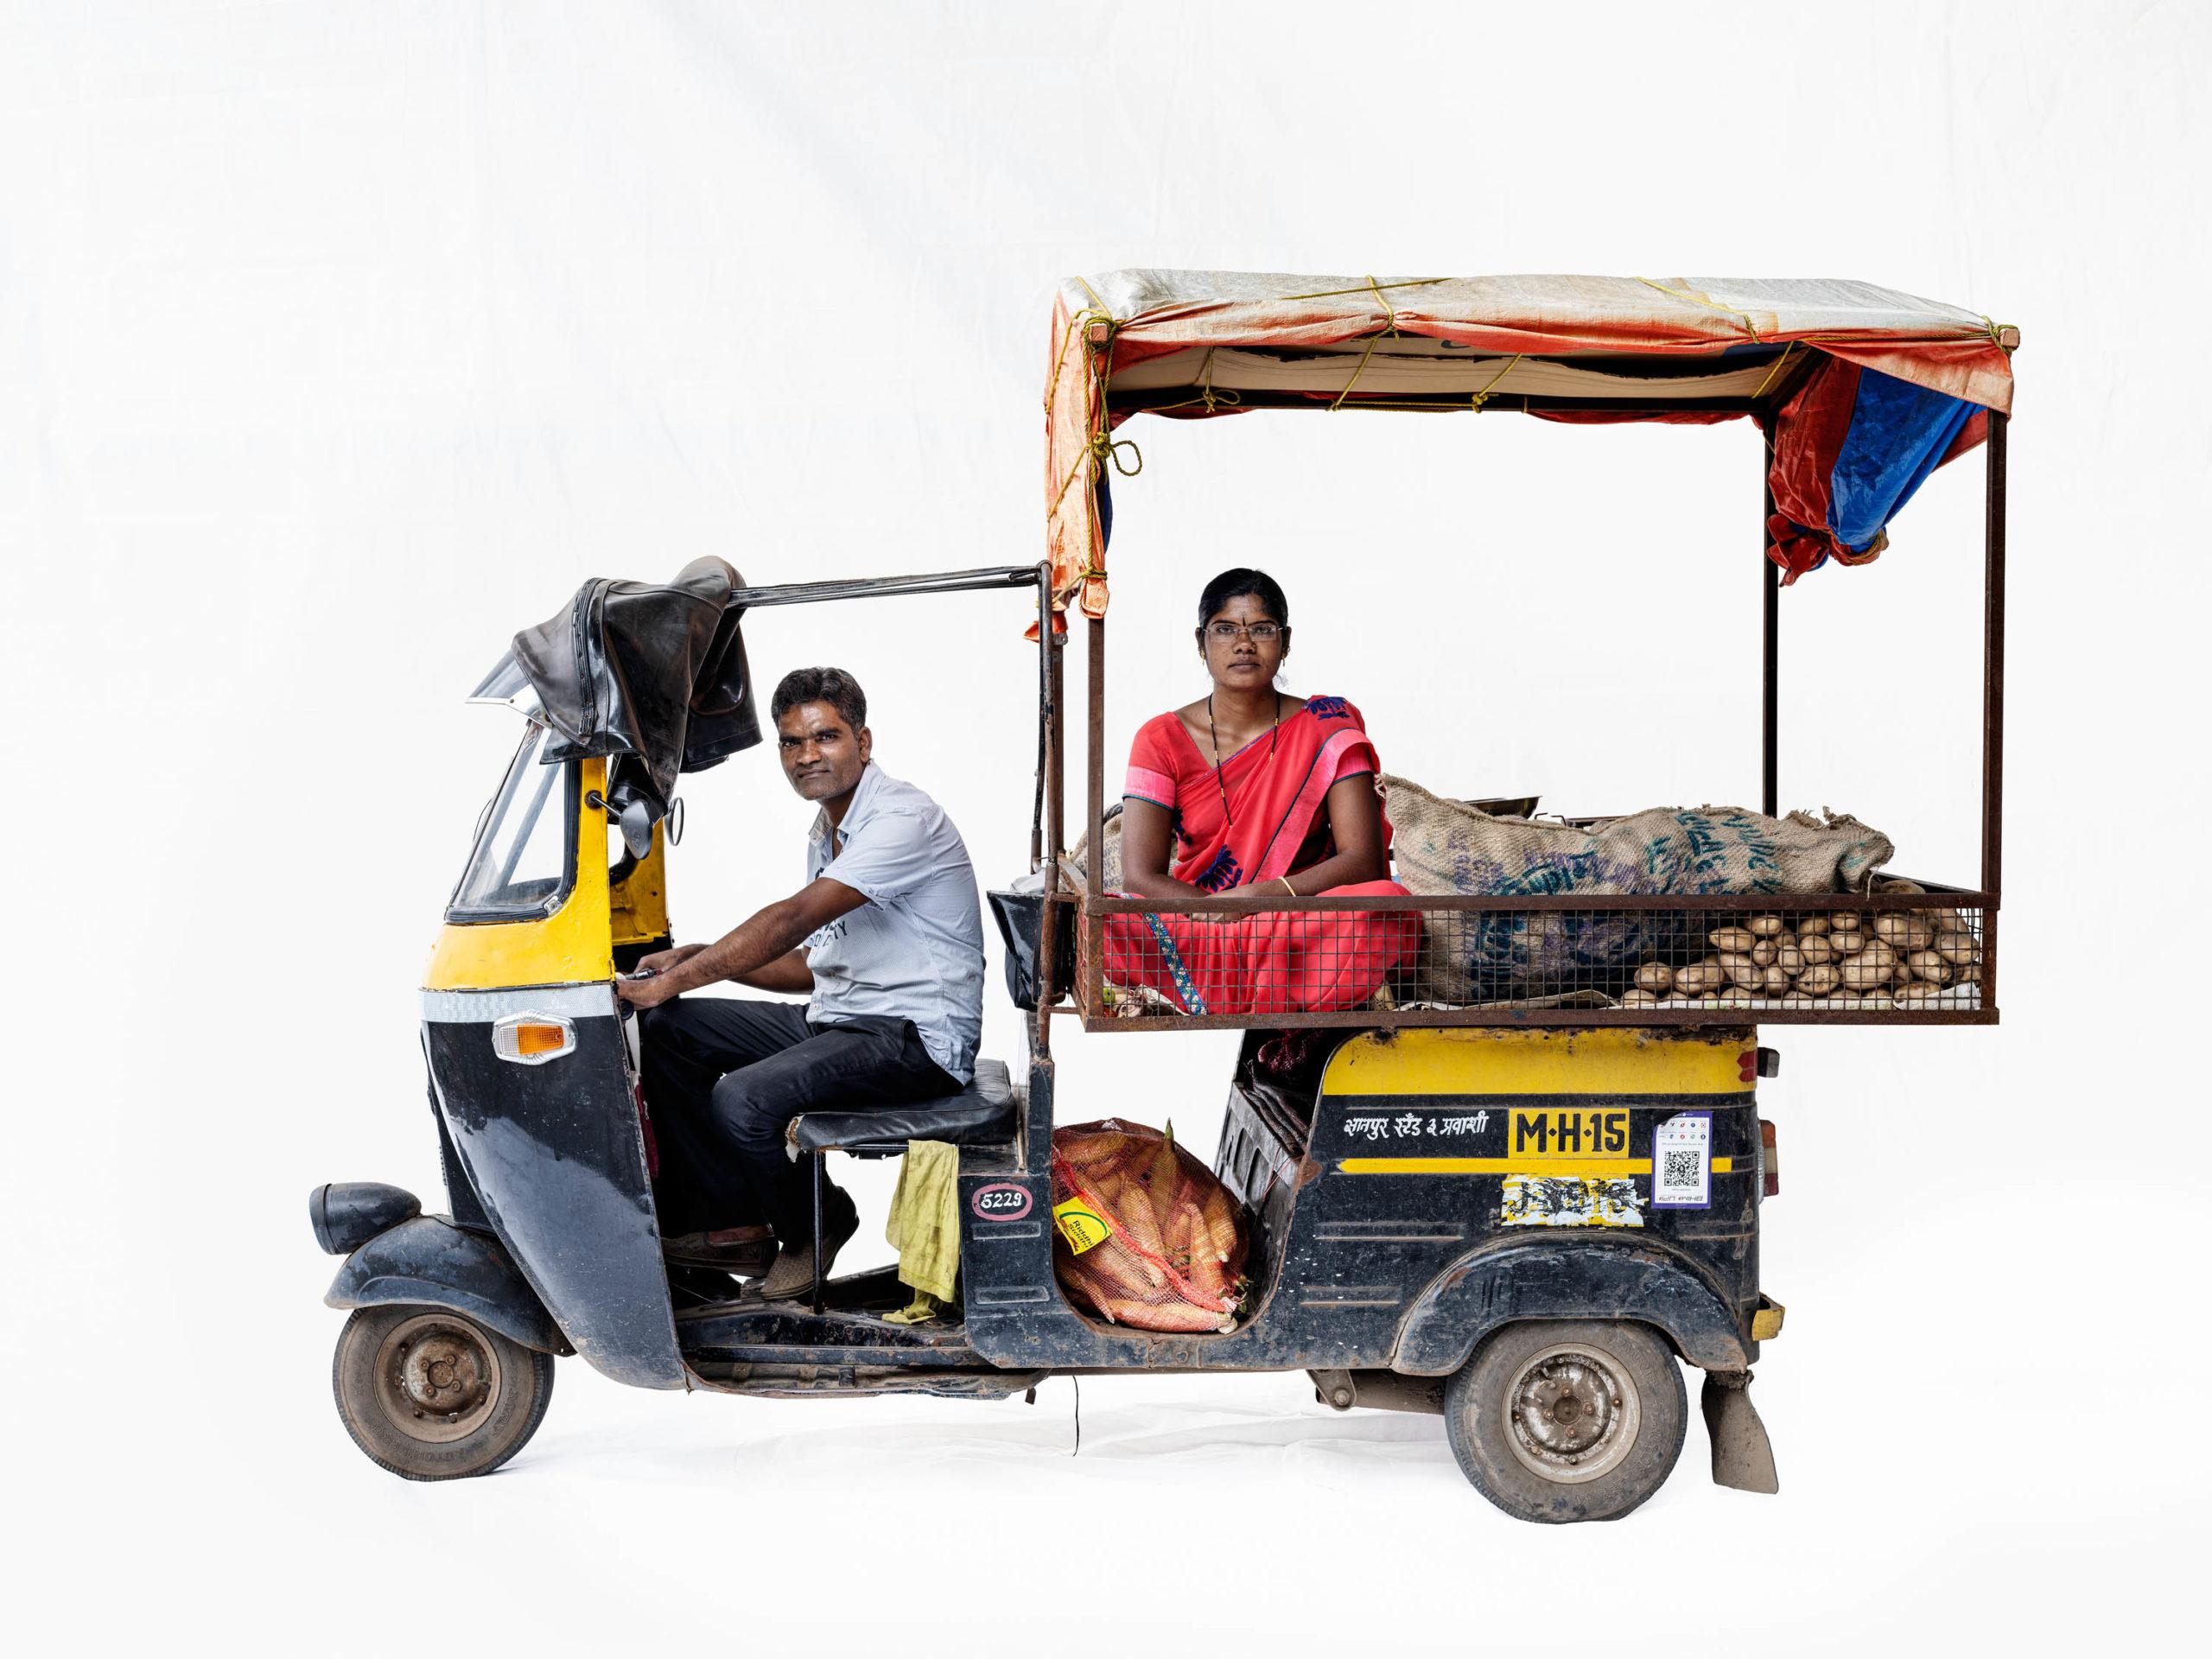 Bajaj autorickshaw #3; Vegetable vendors Manik Karke, Yashoda Karke (Nashik, Maharashtra)